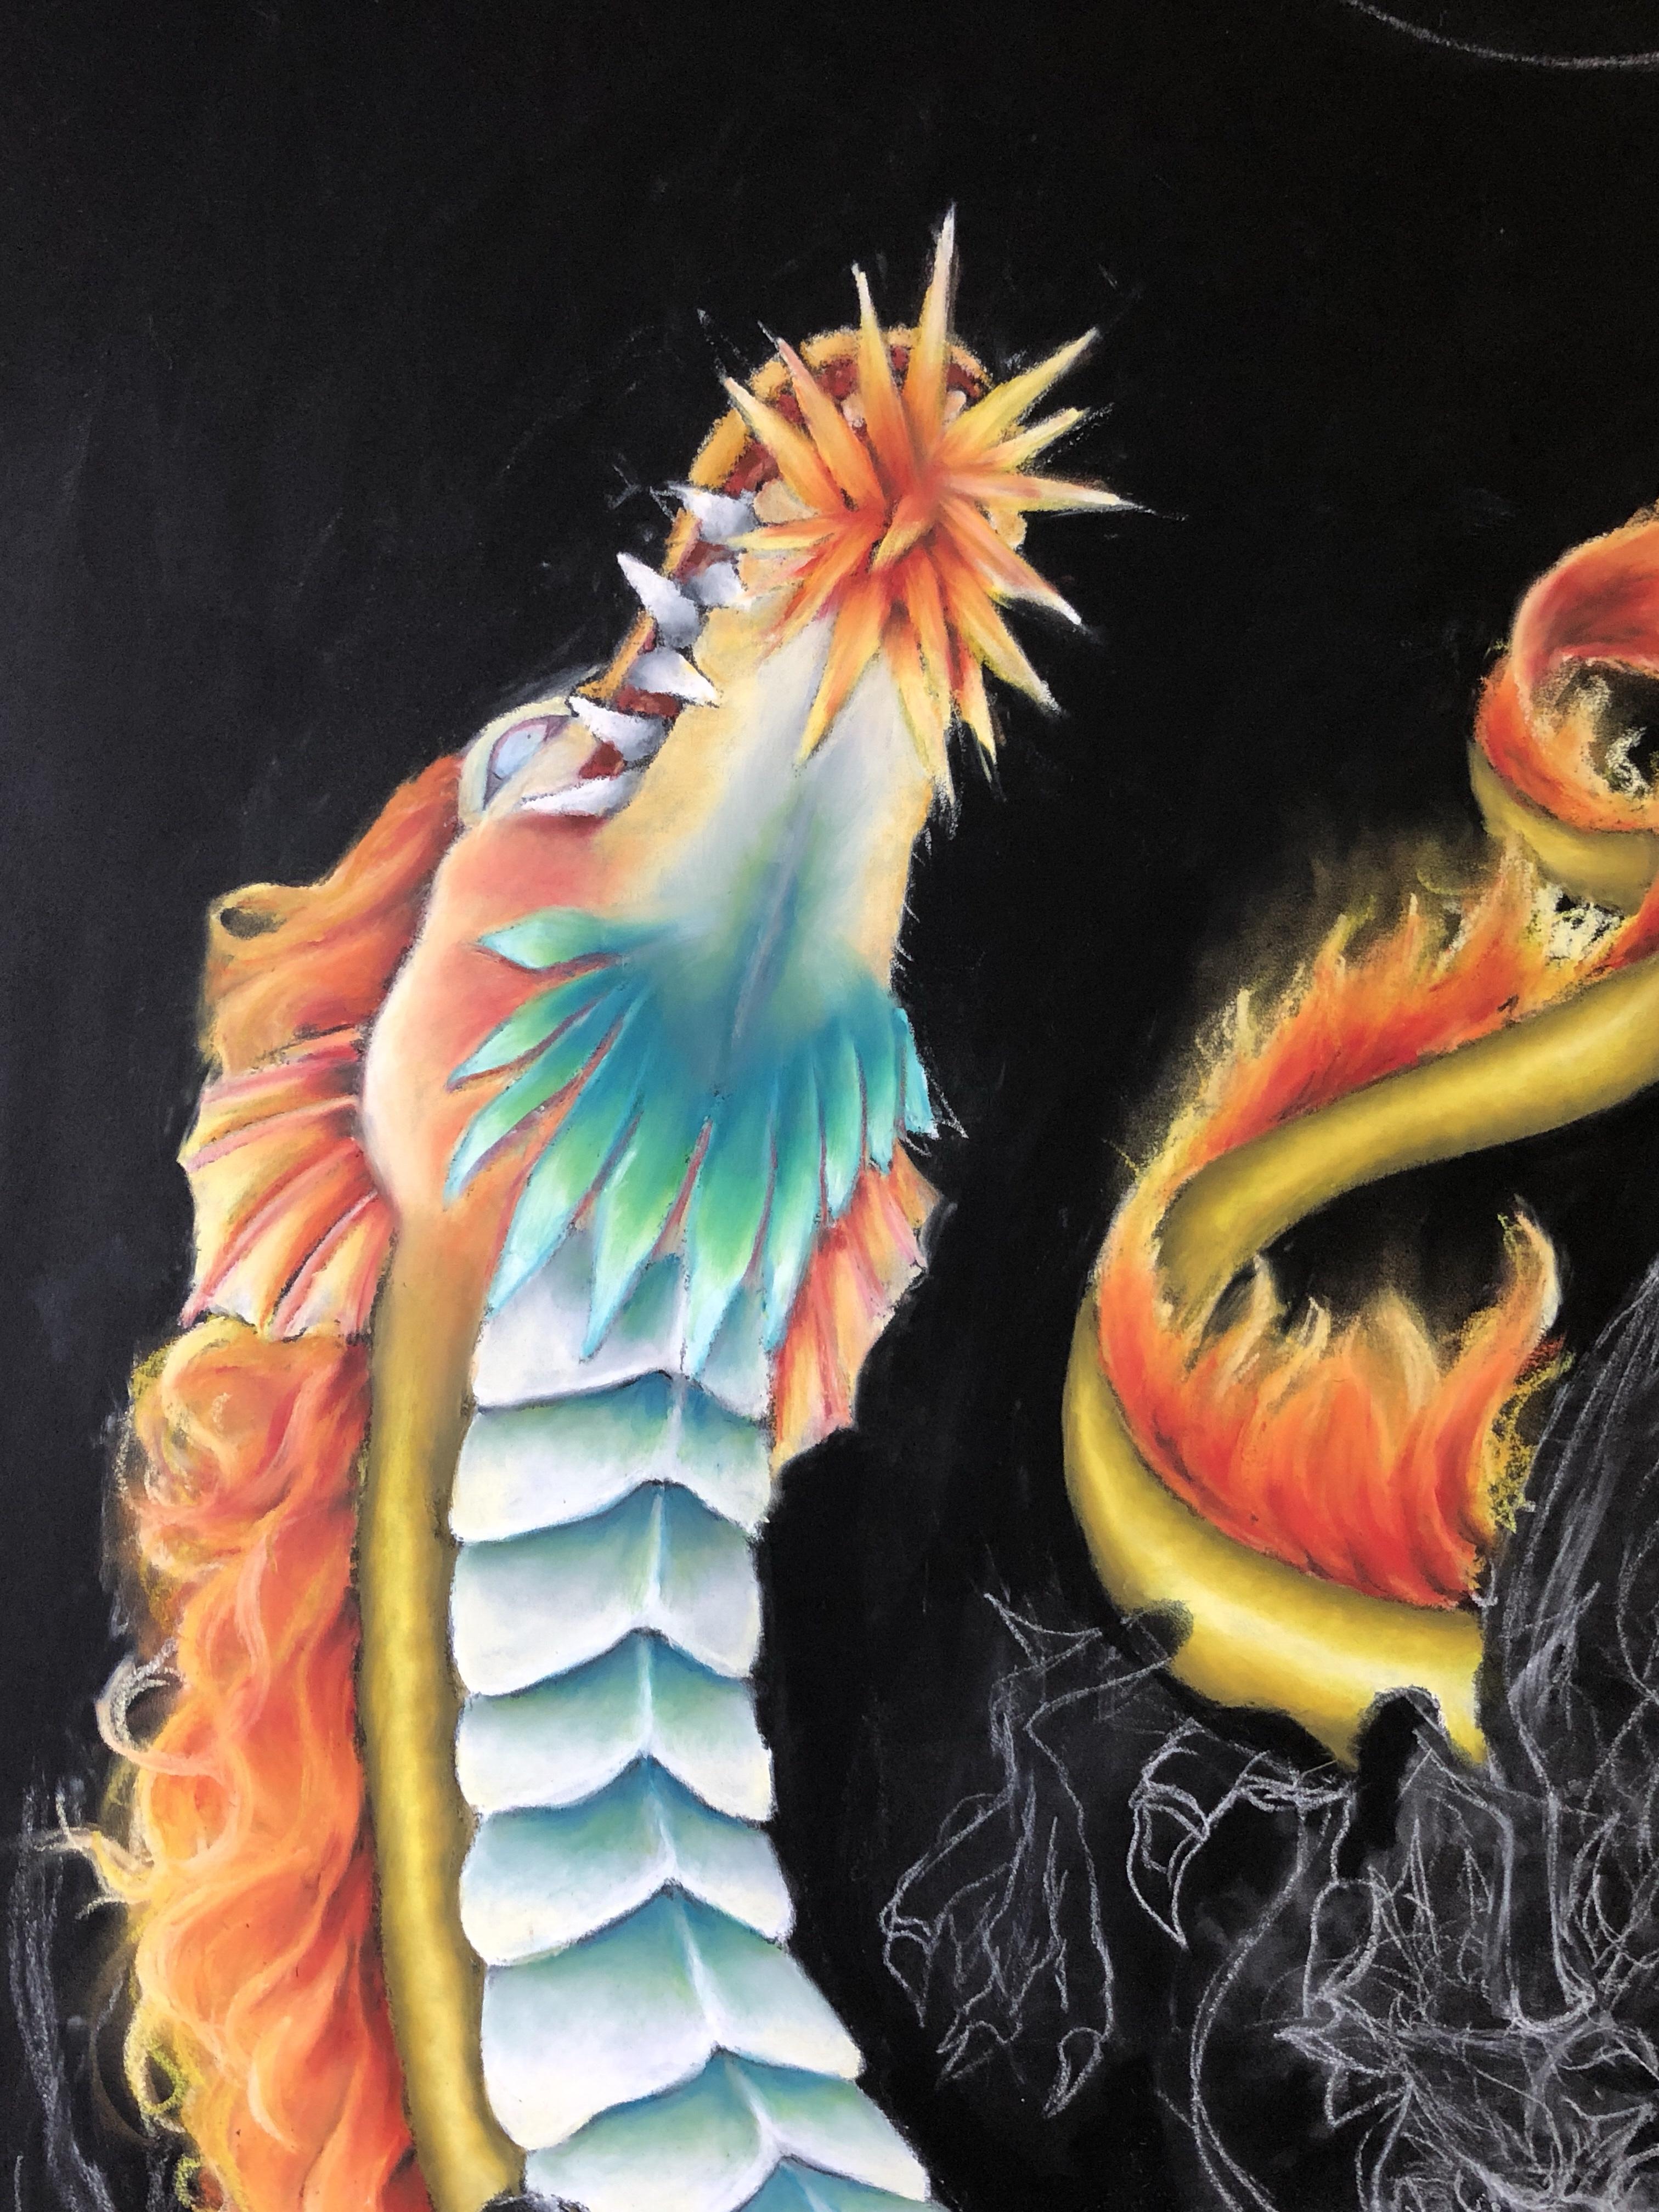 龍,ぎんのいすARTWORKS,chalkart,チョークアート